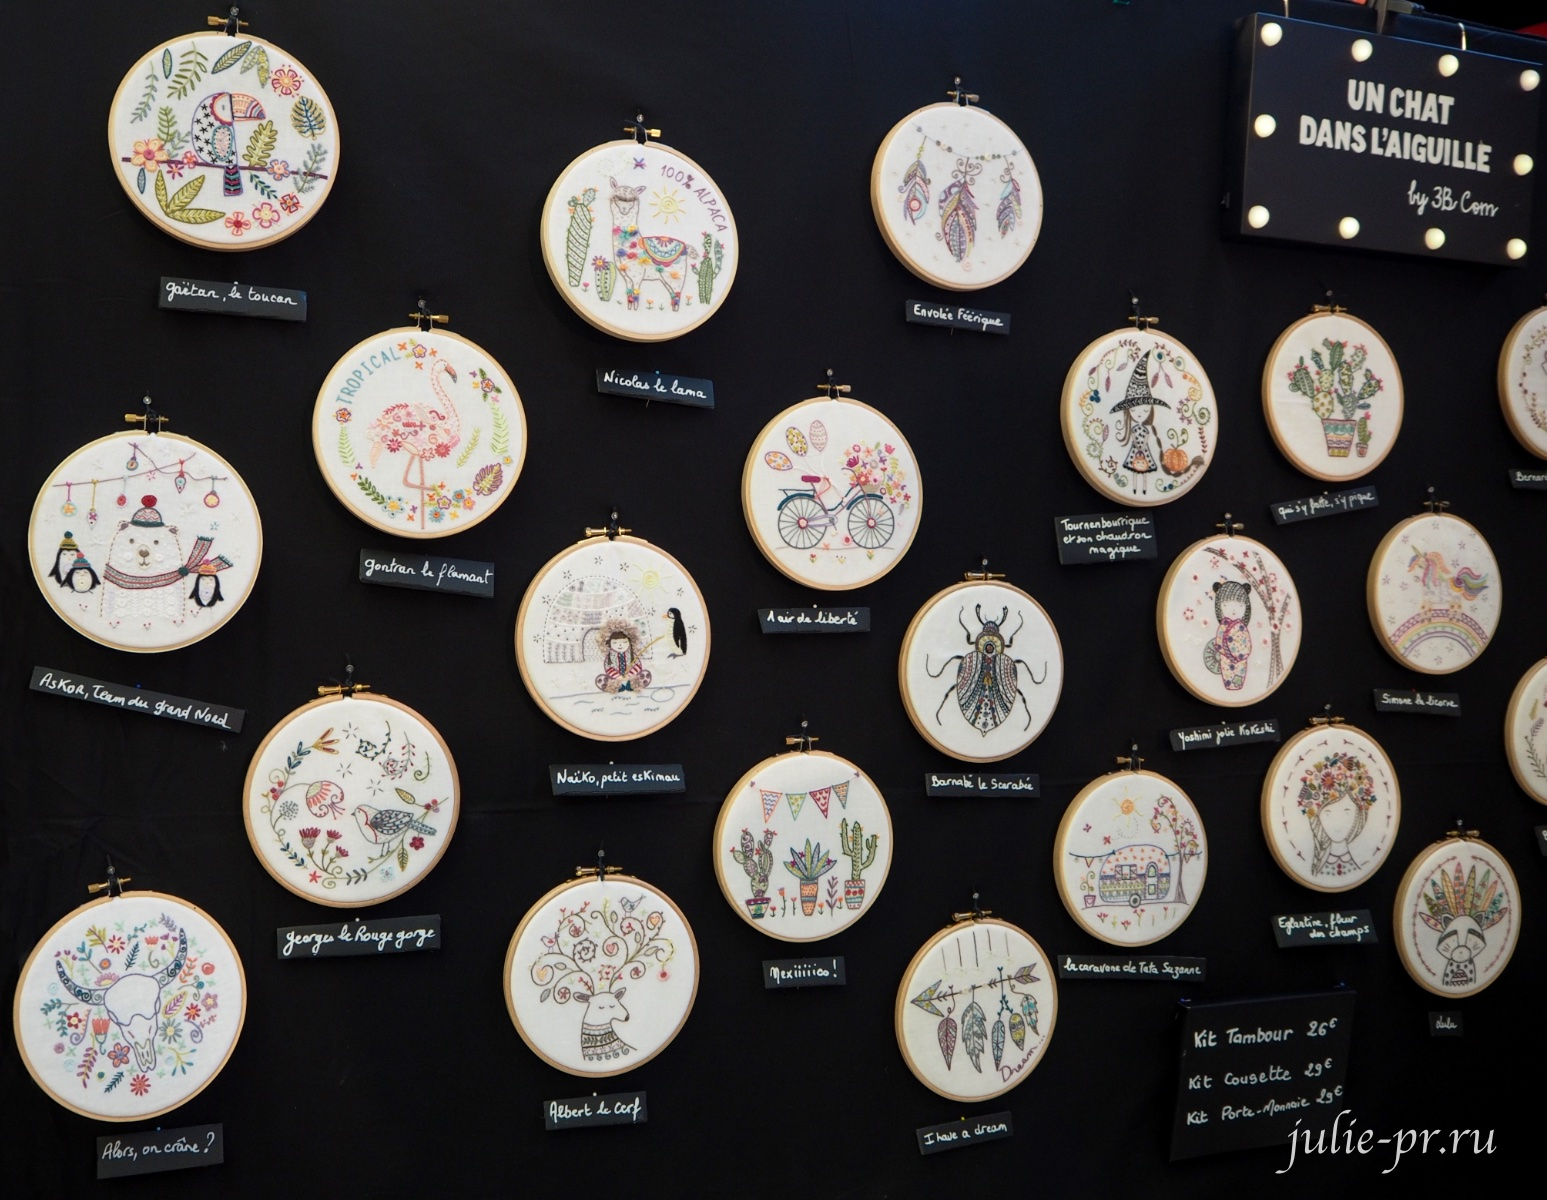 Un Chat dans l'aiguille, Création autour du fil, контурная вышивка, традиционная вышивка, вышивка шовчики